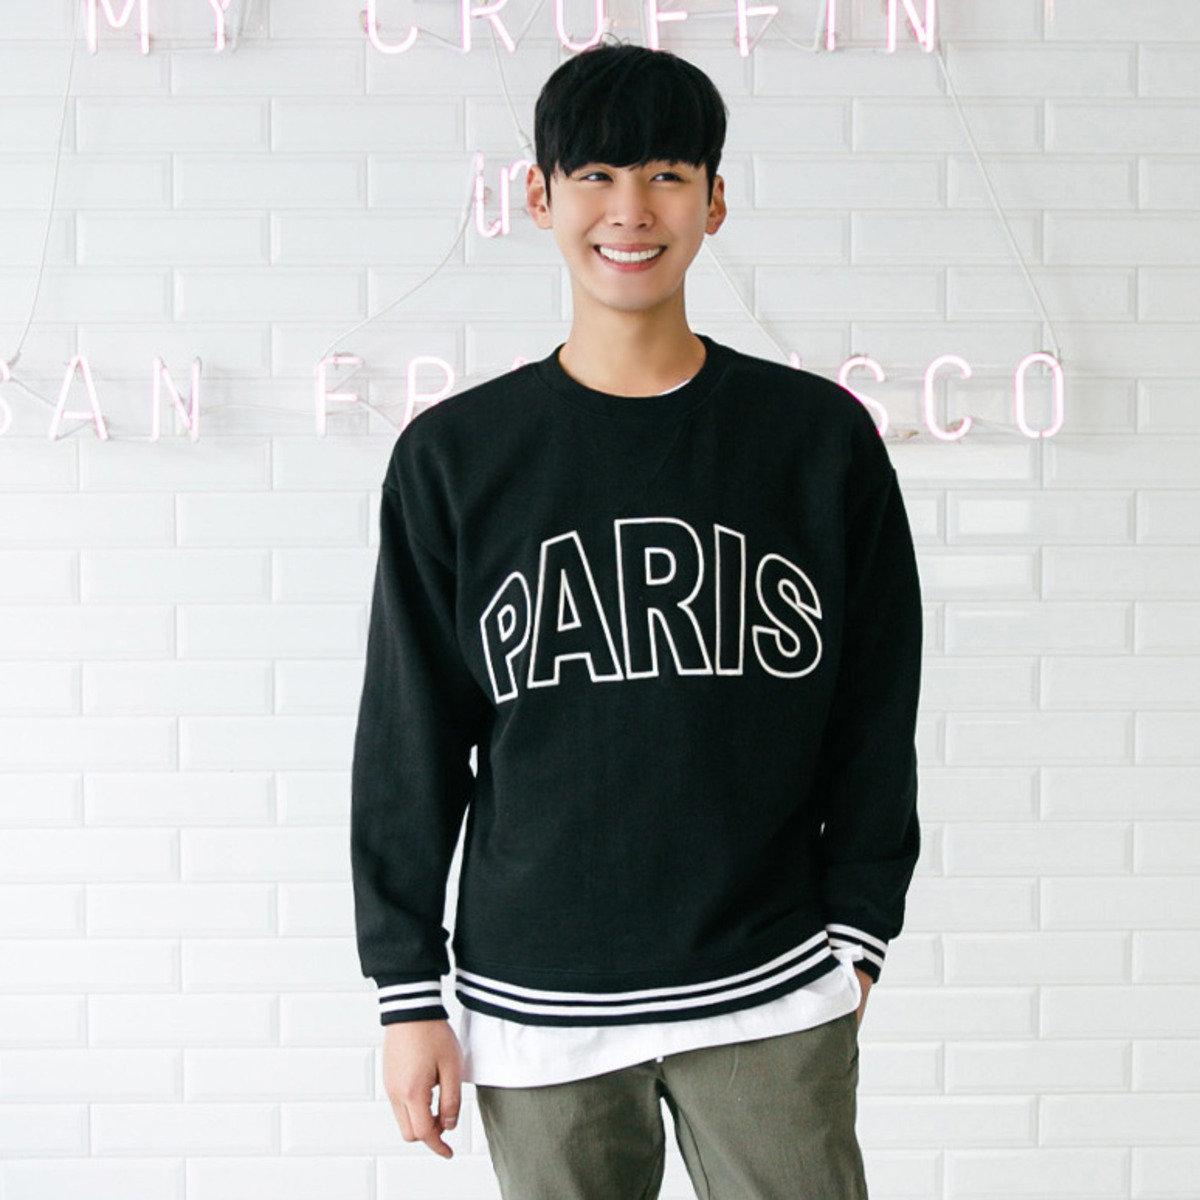 Paris 衛衣_TN1_160310070